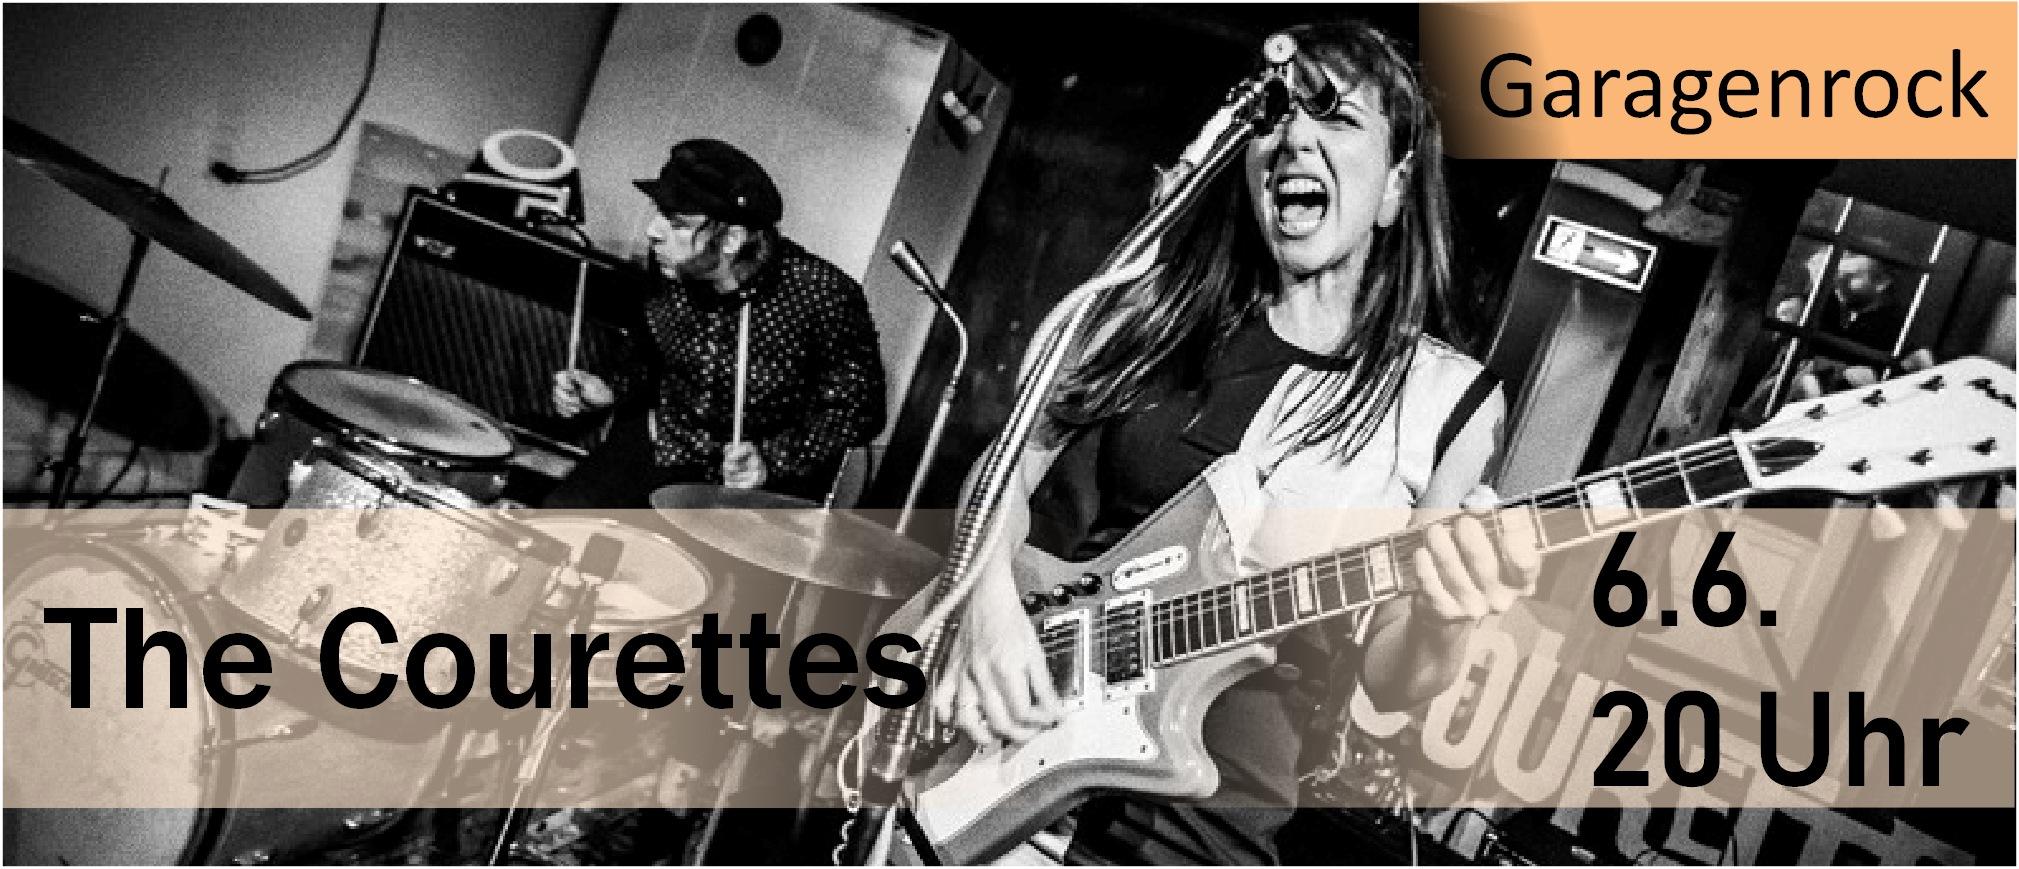 The Courettes im Parkclub, photo via Jakob Hansen